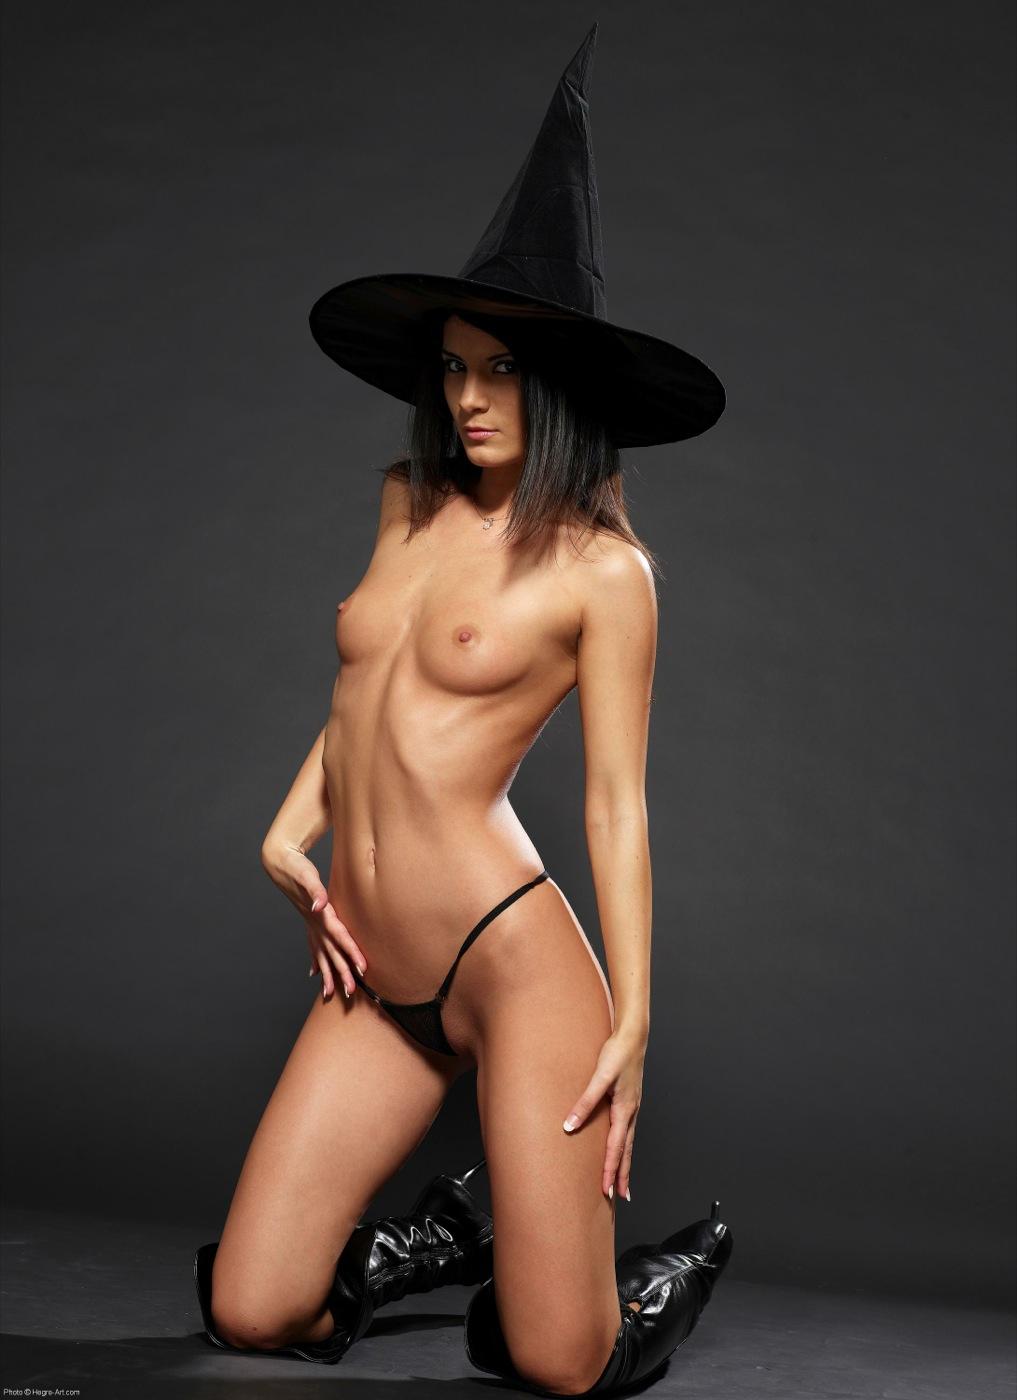 Фото голая ведьма бесплатно 19 фотография